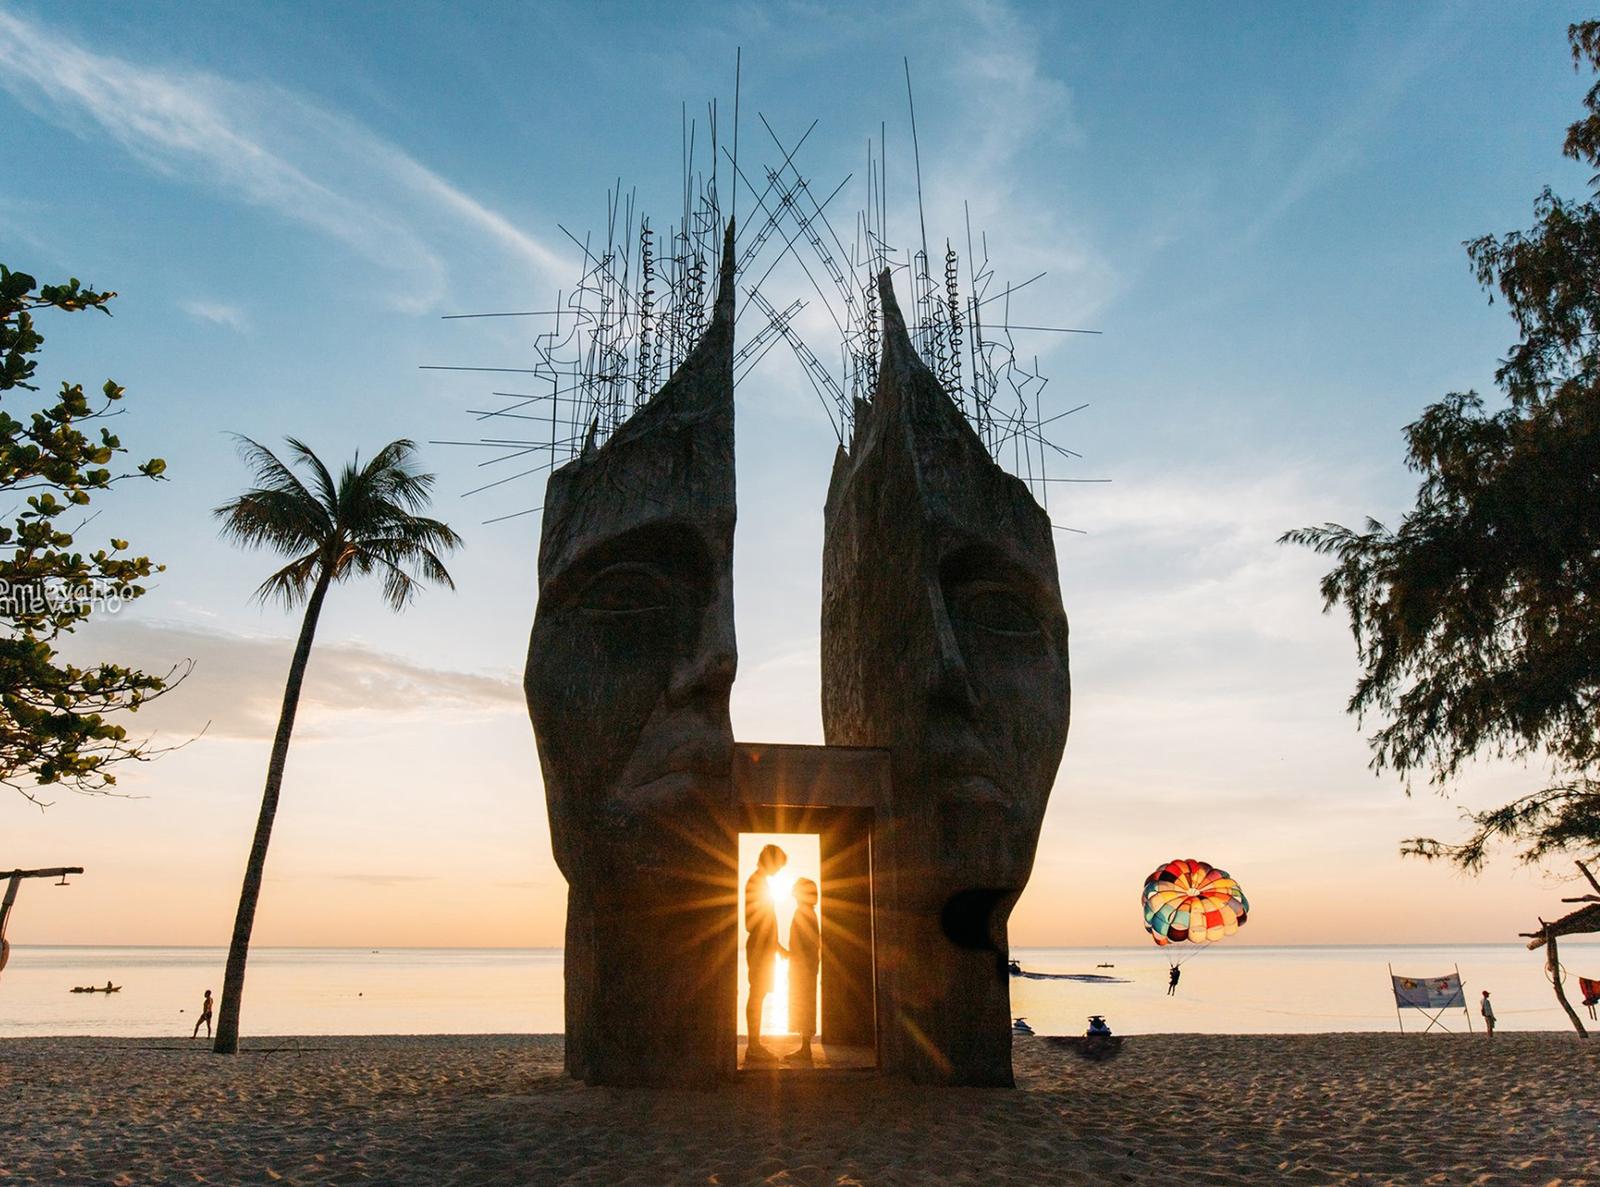 - sunset-sanato-3325-1611217452 - Khám phá Nam đảo Phú Quốc dịp Tết Nguyên Đán